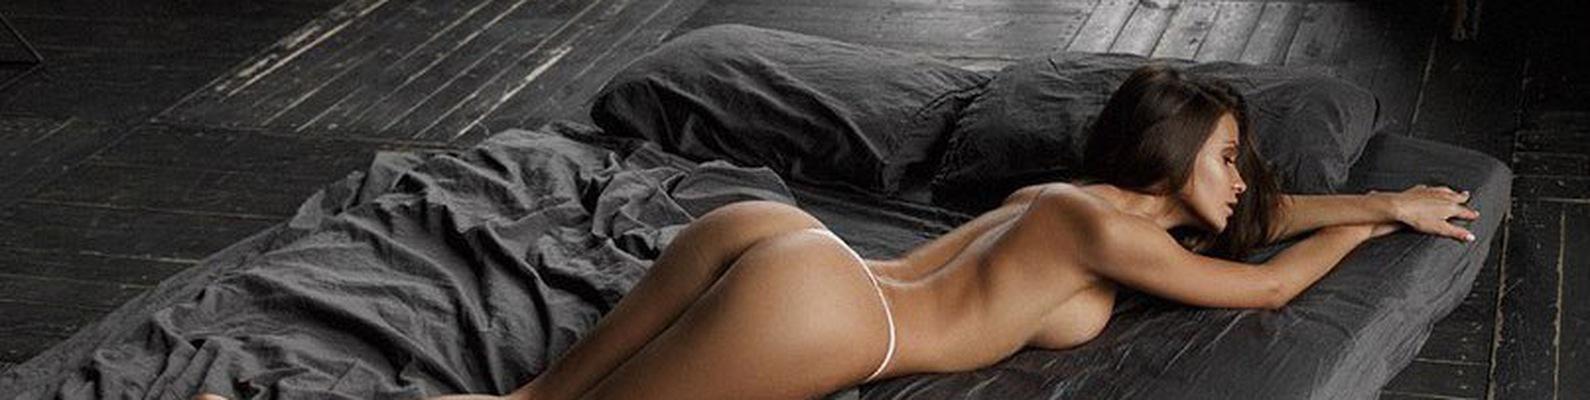 Заставляет голая девка спит на полу фото в контакте